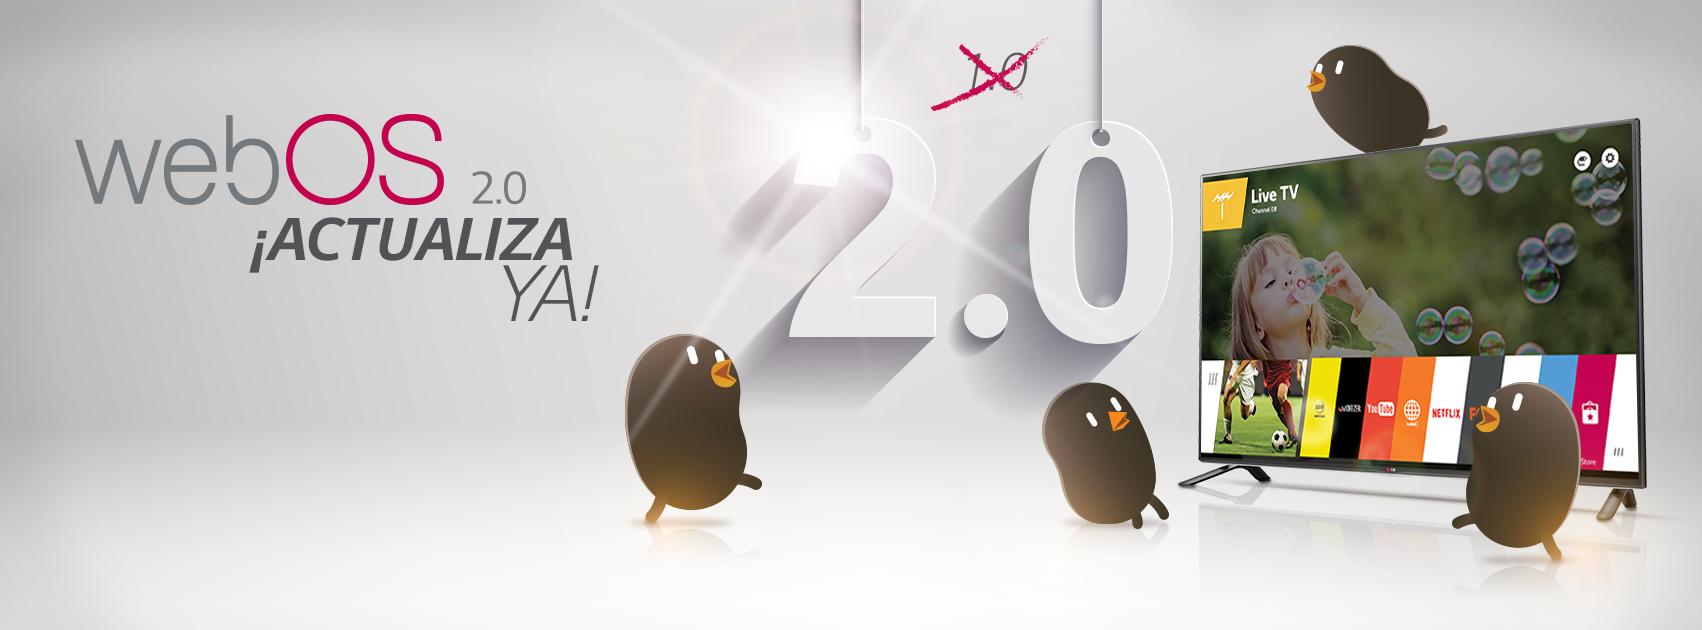 ¿Cómo actualizar mi smart tv a webOS 2.0?